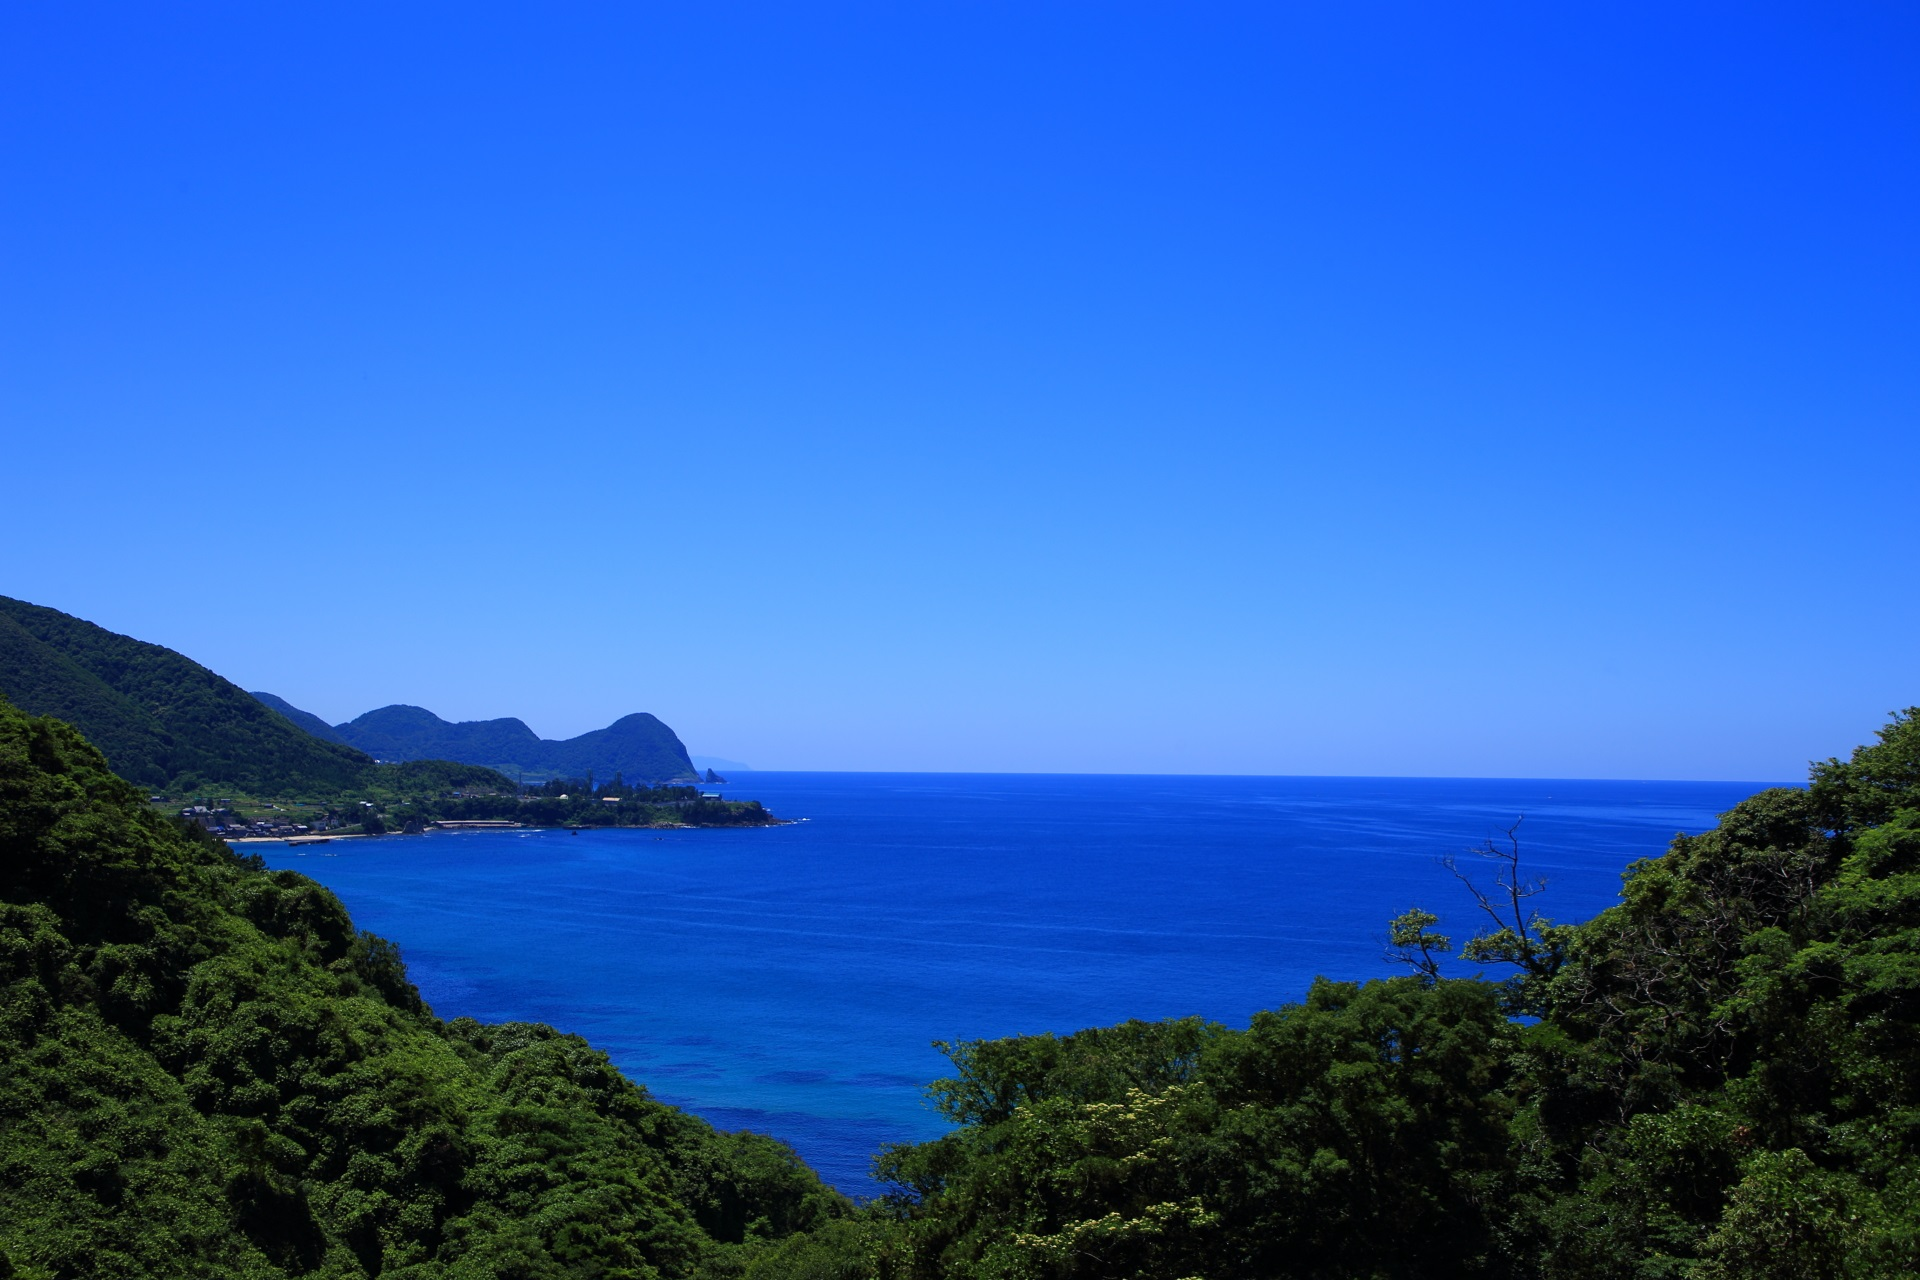 丹海バスの「経ヶ岬」バス停付近から眺めた景色